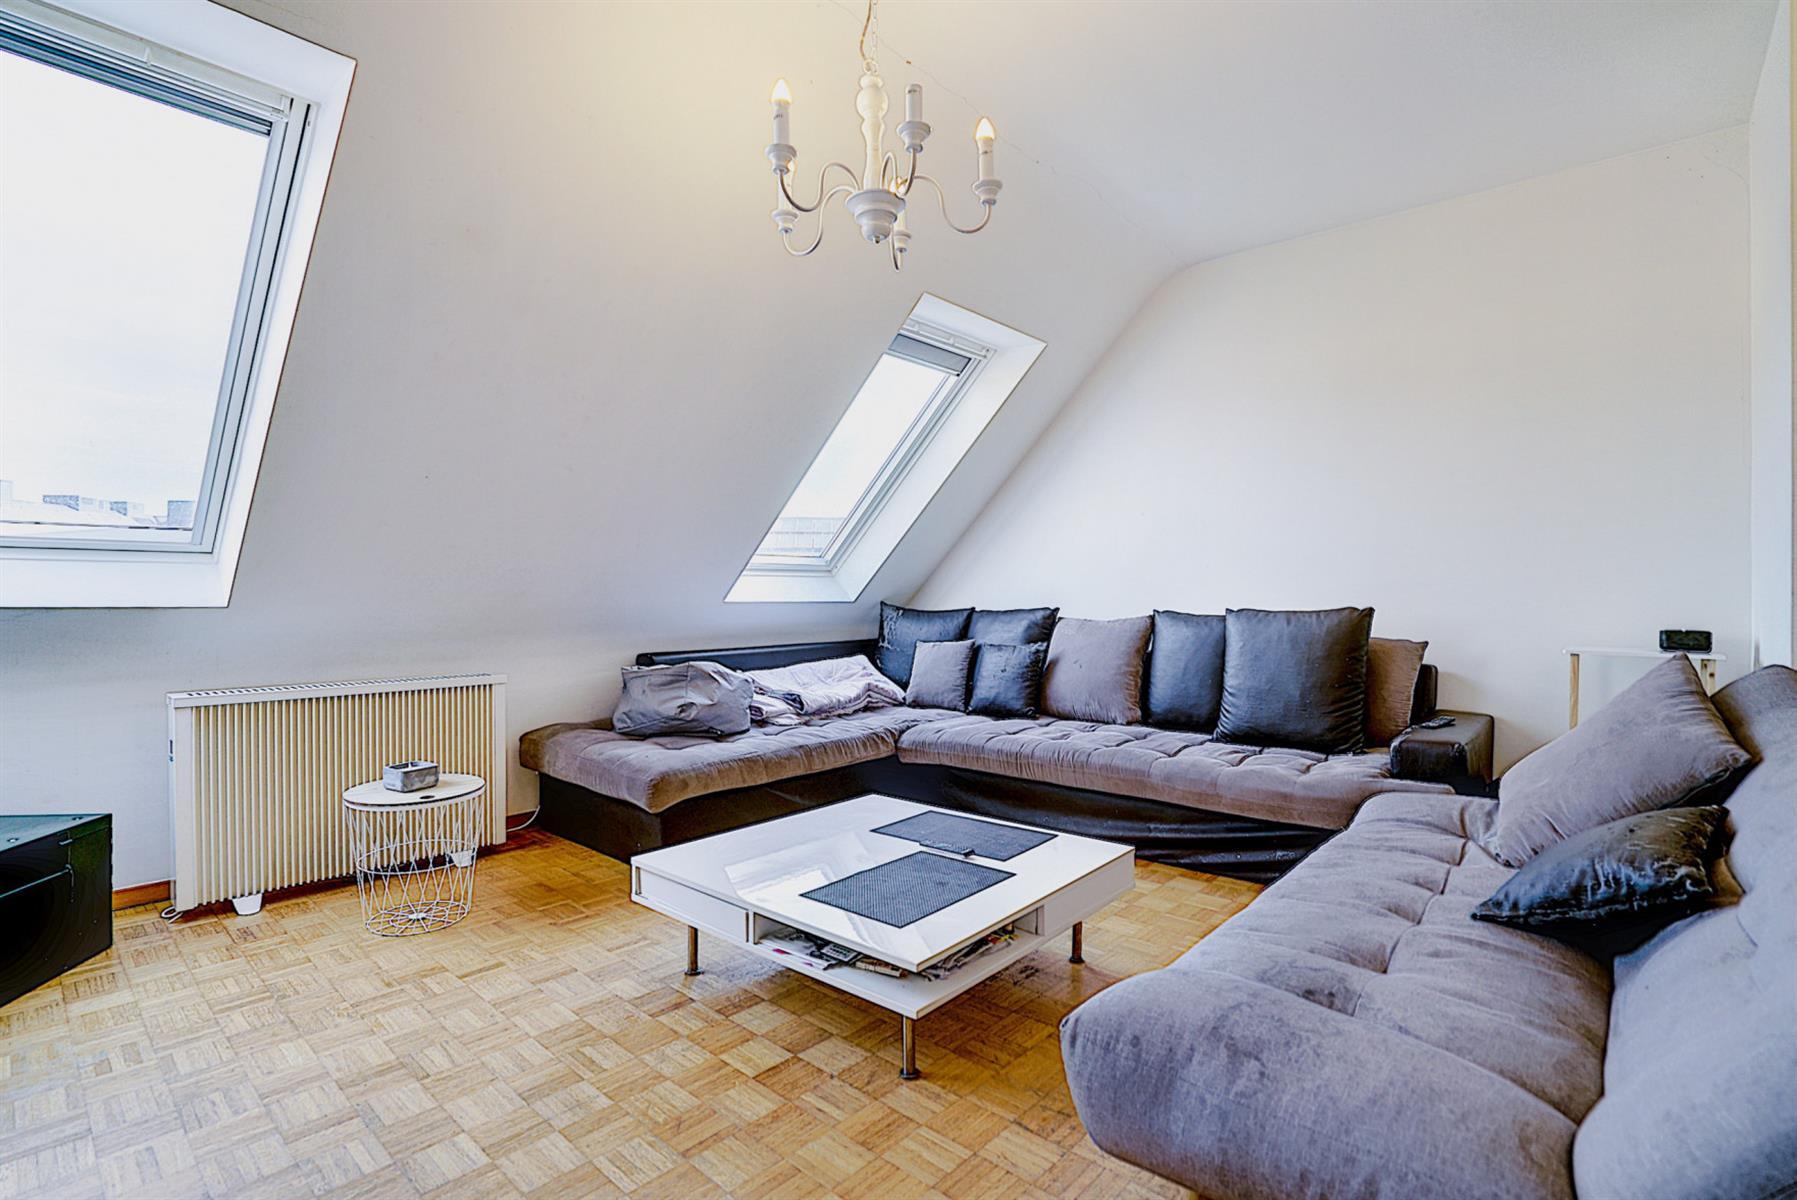 Appartement - Ottignies-louvain-la-neuve - #4342720-4